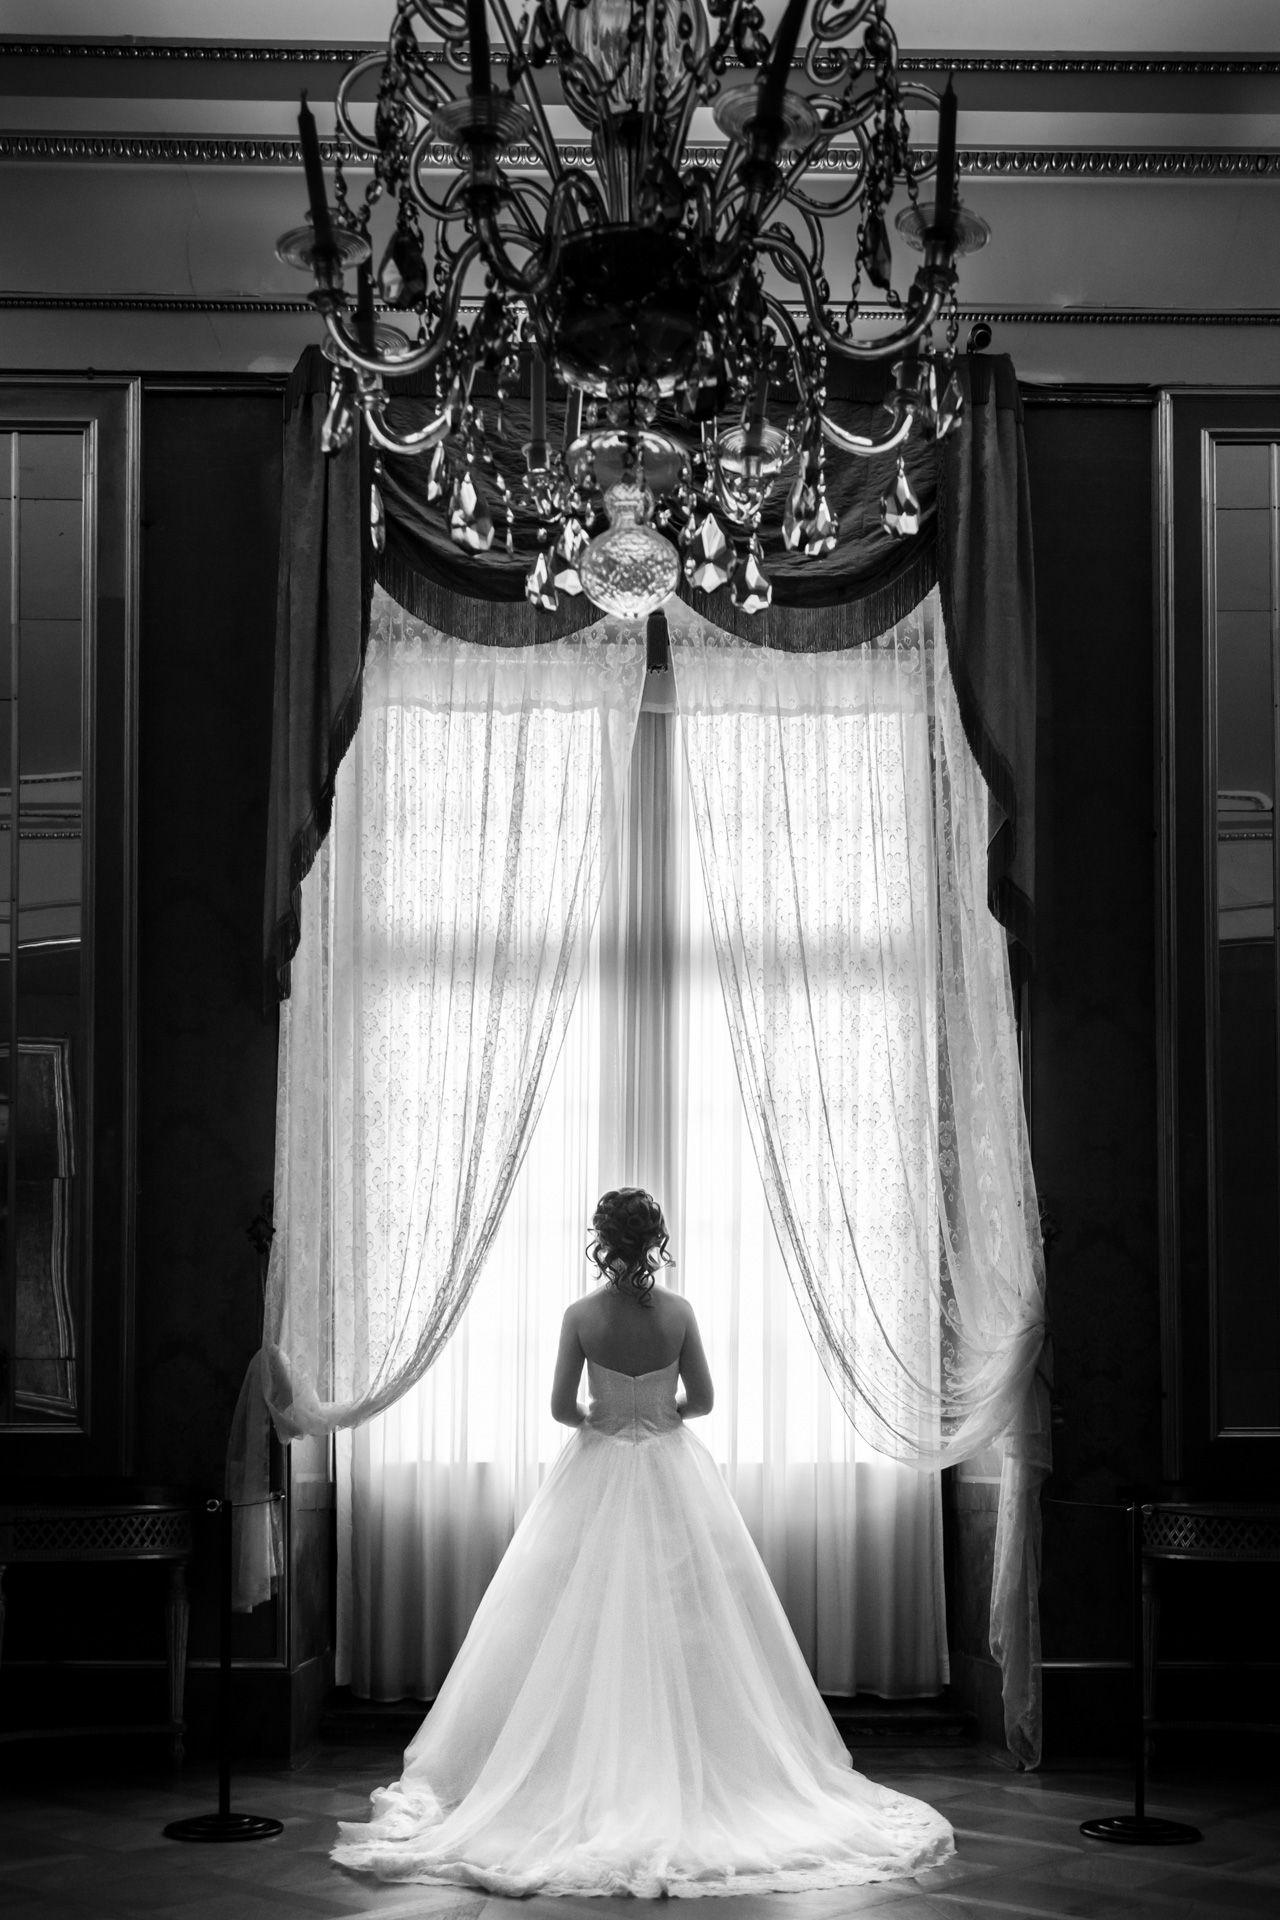 Hochzeit Barockschloss Ludwigsburg Kreative Hochzeitsfotografie Hochzeitsfotografie Fotos Hochzeit